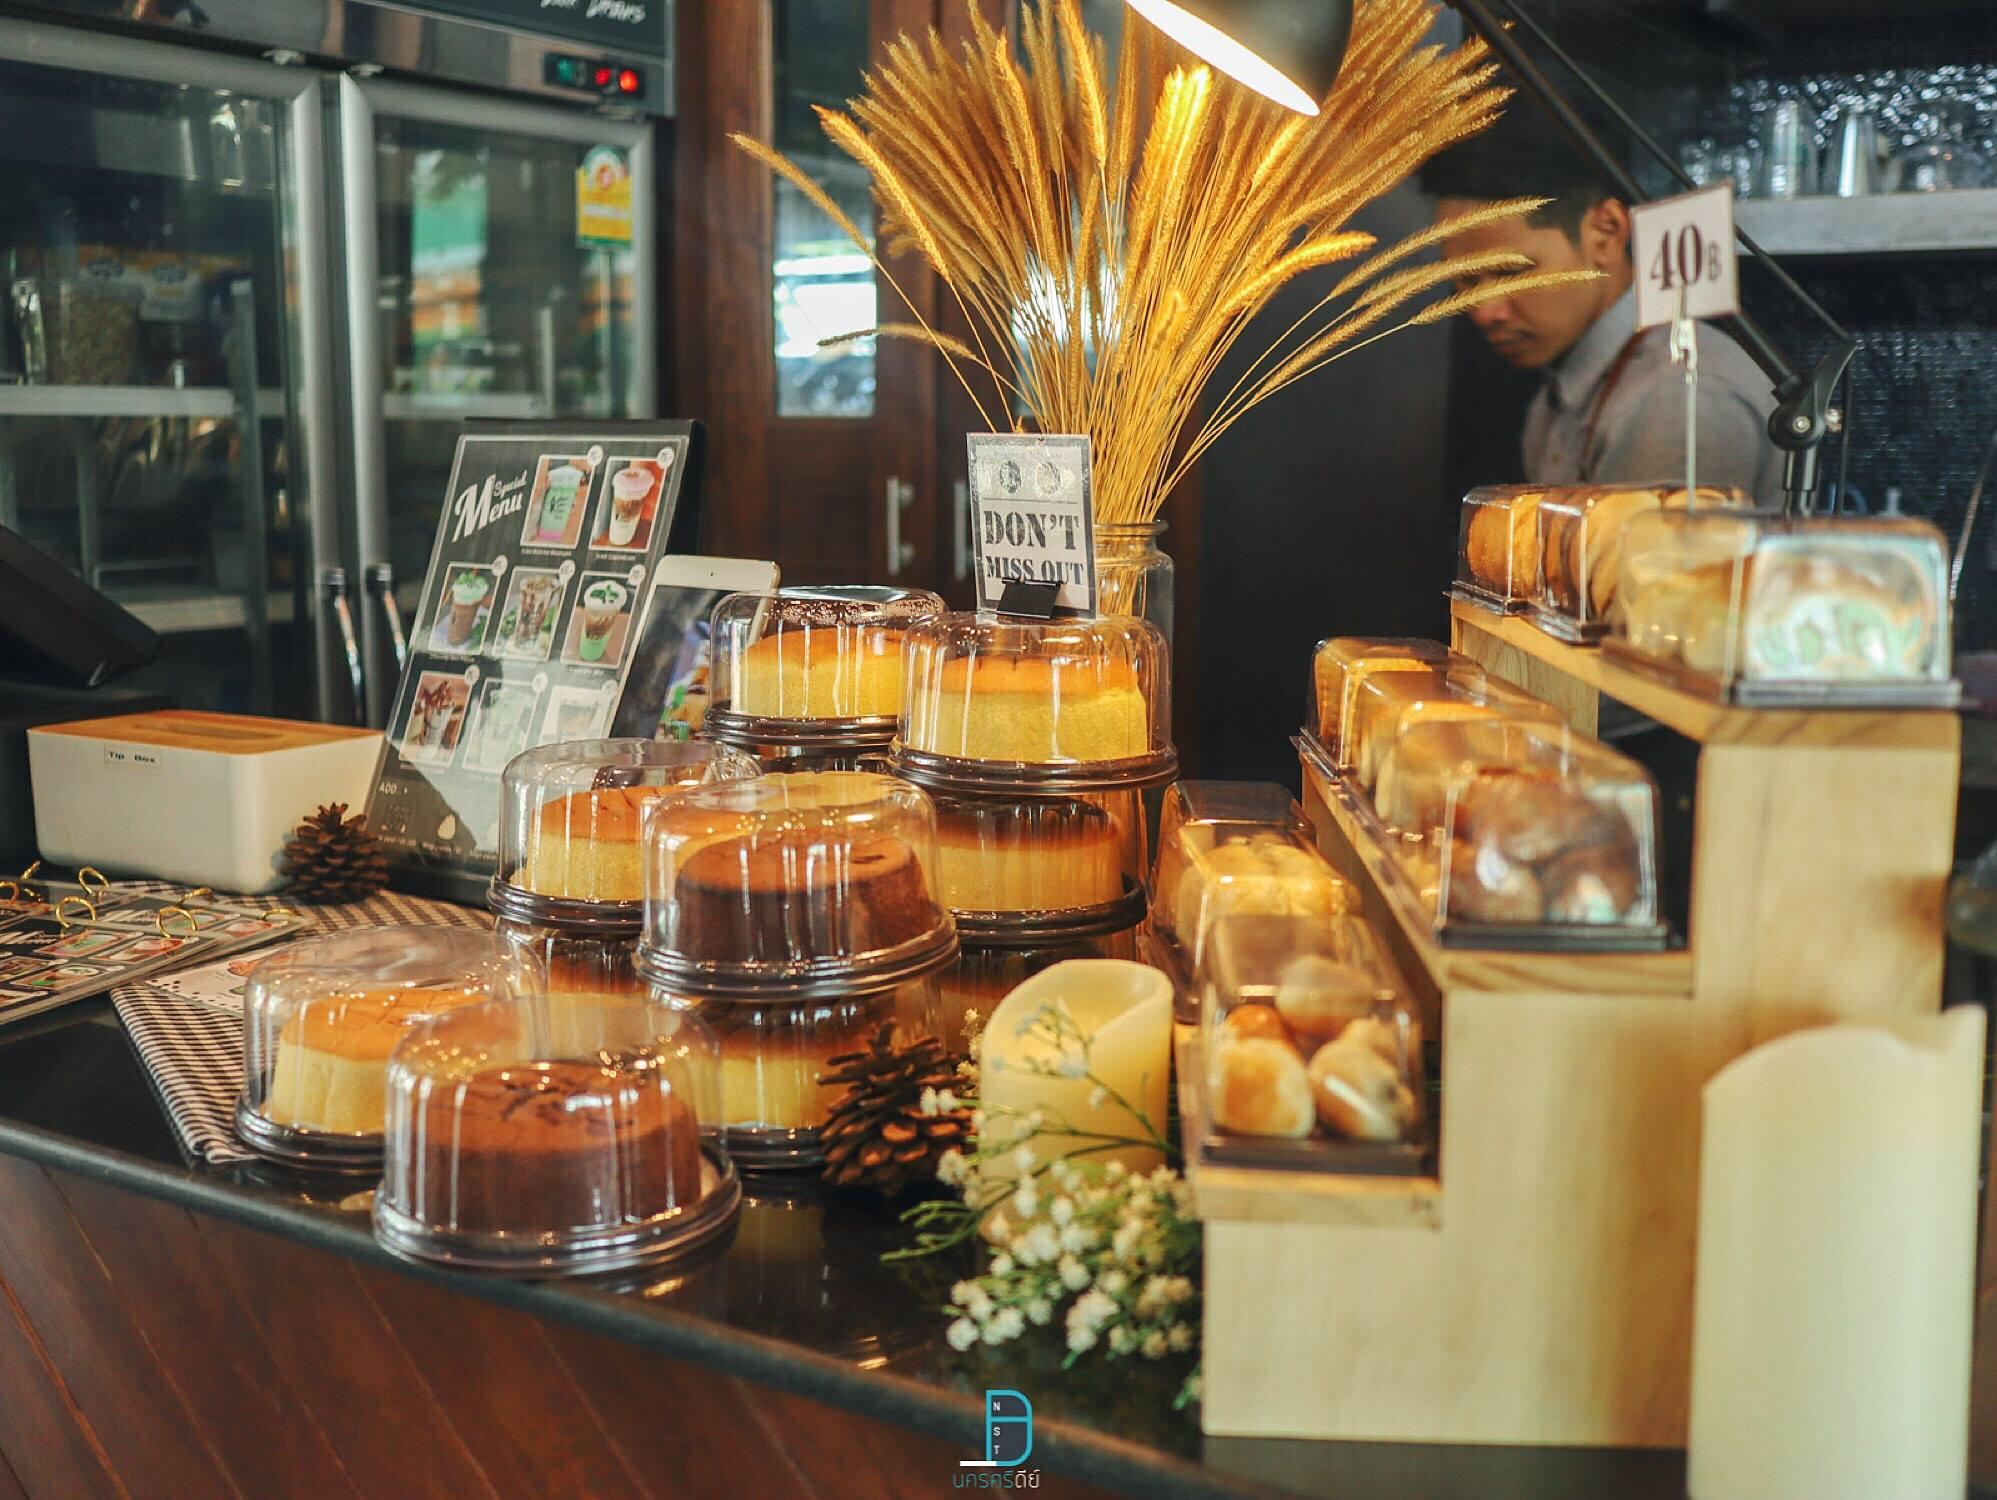 ชาไข่มุกพรีเมี่ยม,929คาเฟ่,นครศรี,ของกิน,เครื่องดื่ม,อร่อย,ร้านนั่งสบาย,อำเภอเมือง